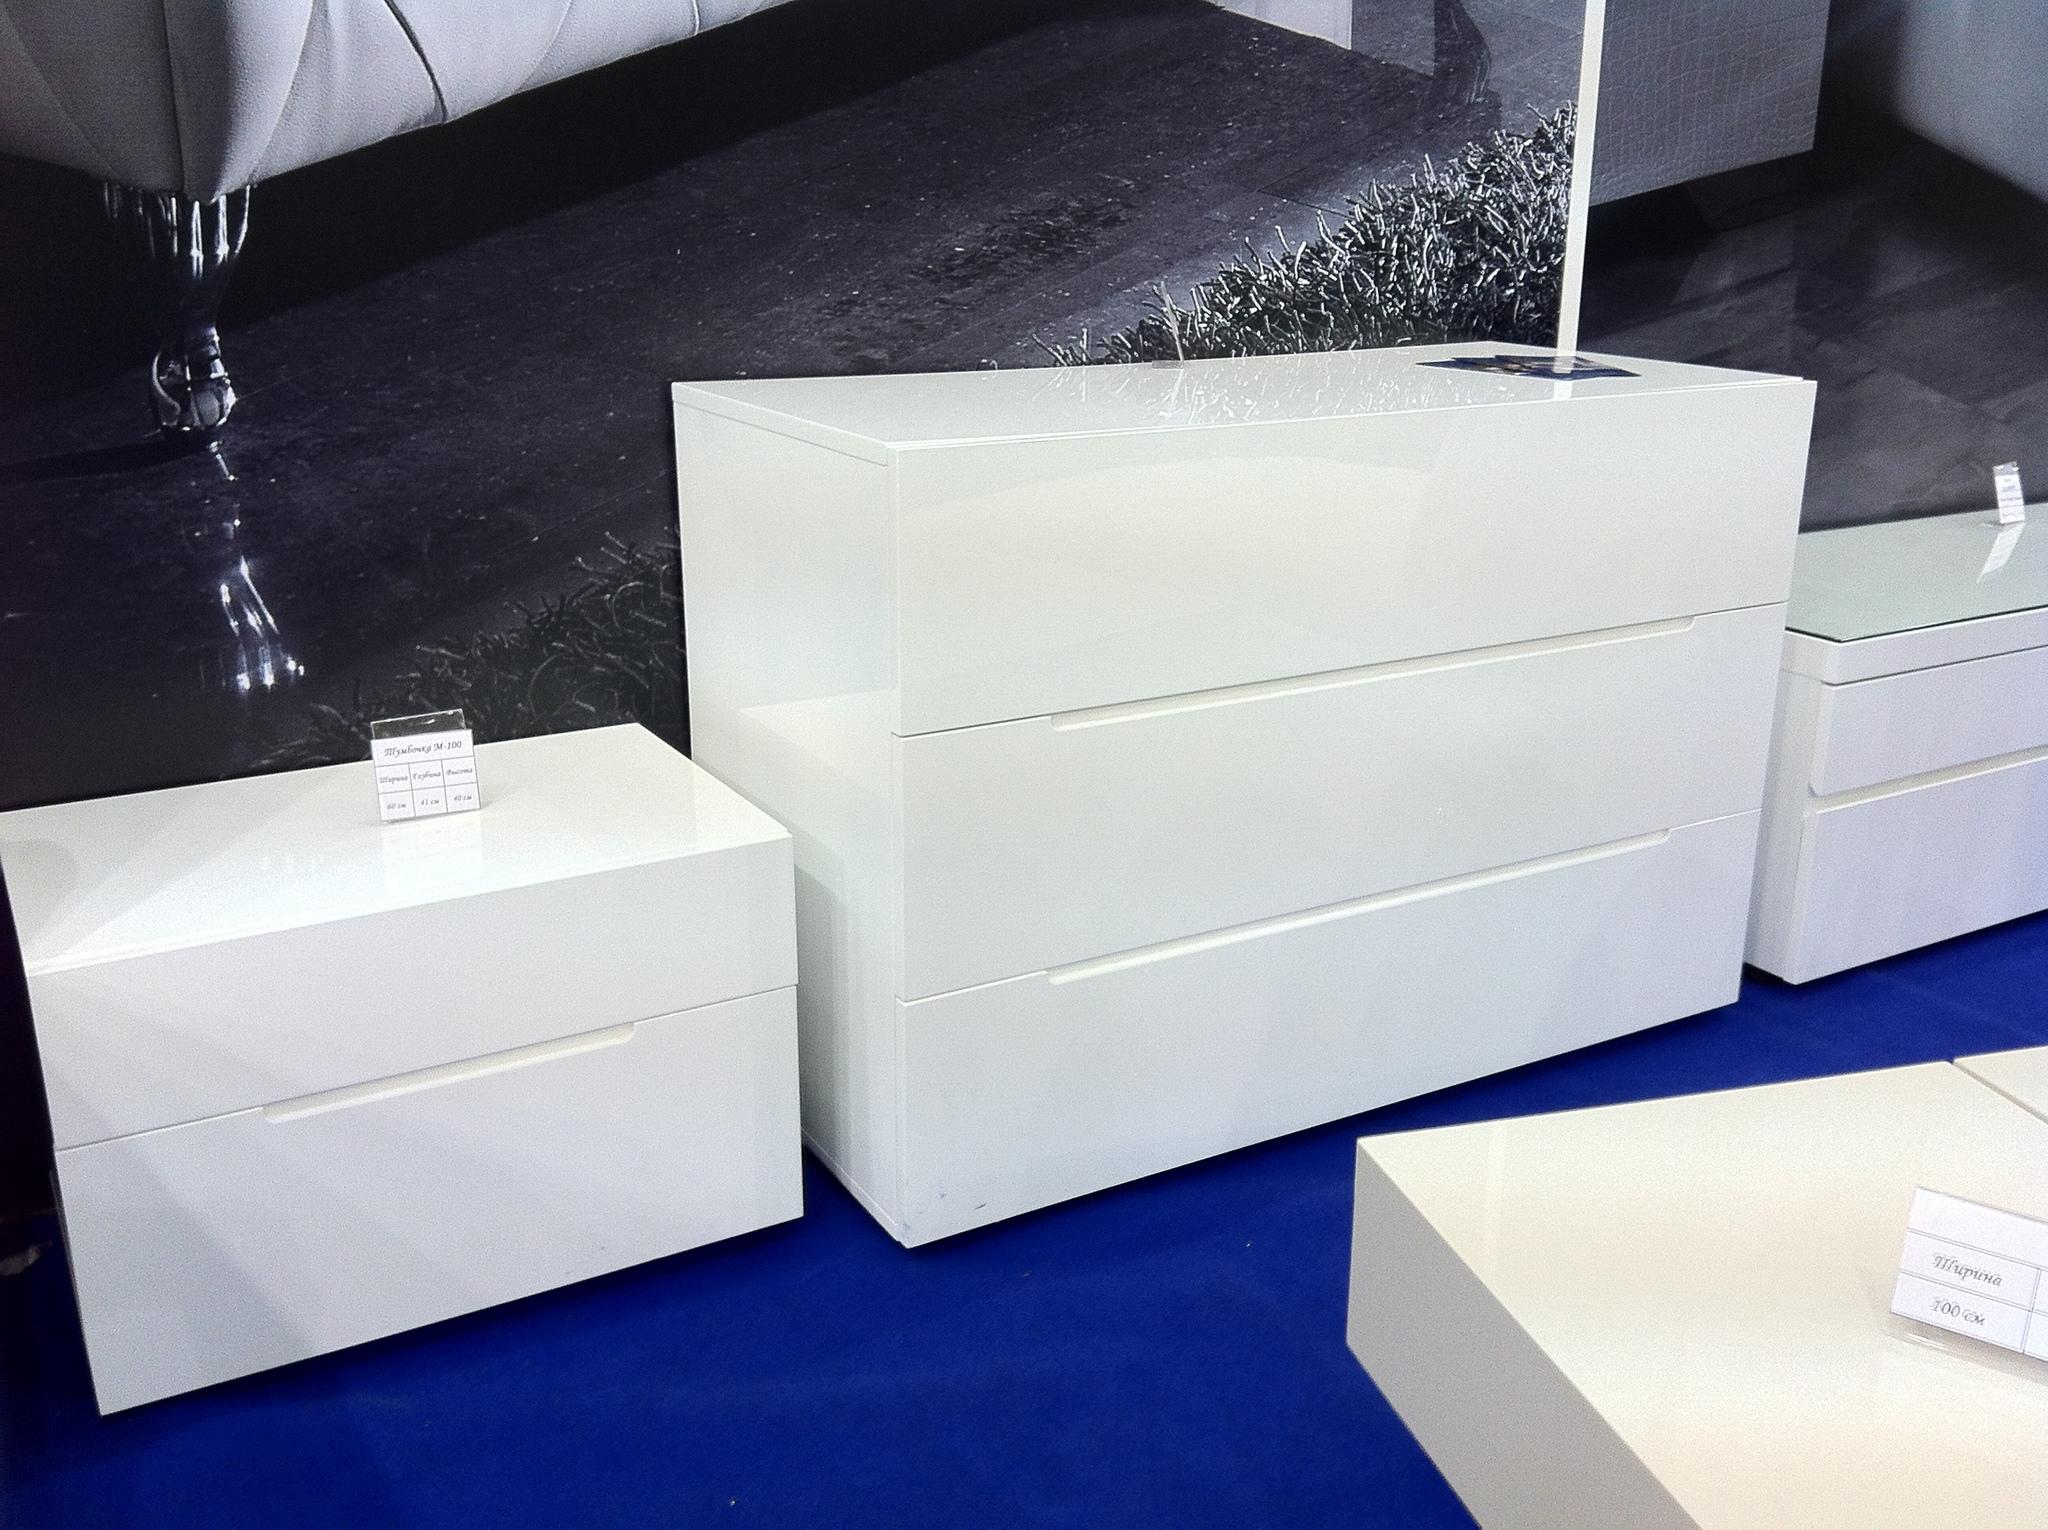 Комод горизонтальный DUPEN (Дюпен) C-100 белый и Тумба прикроватная DUPEN (Дюпен) М-100 белая